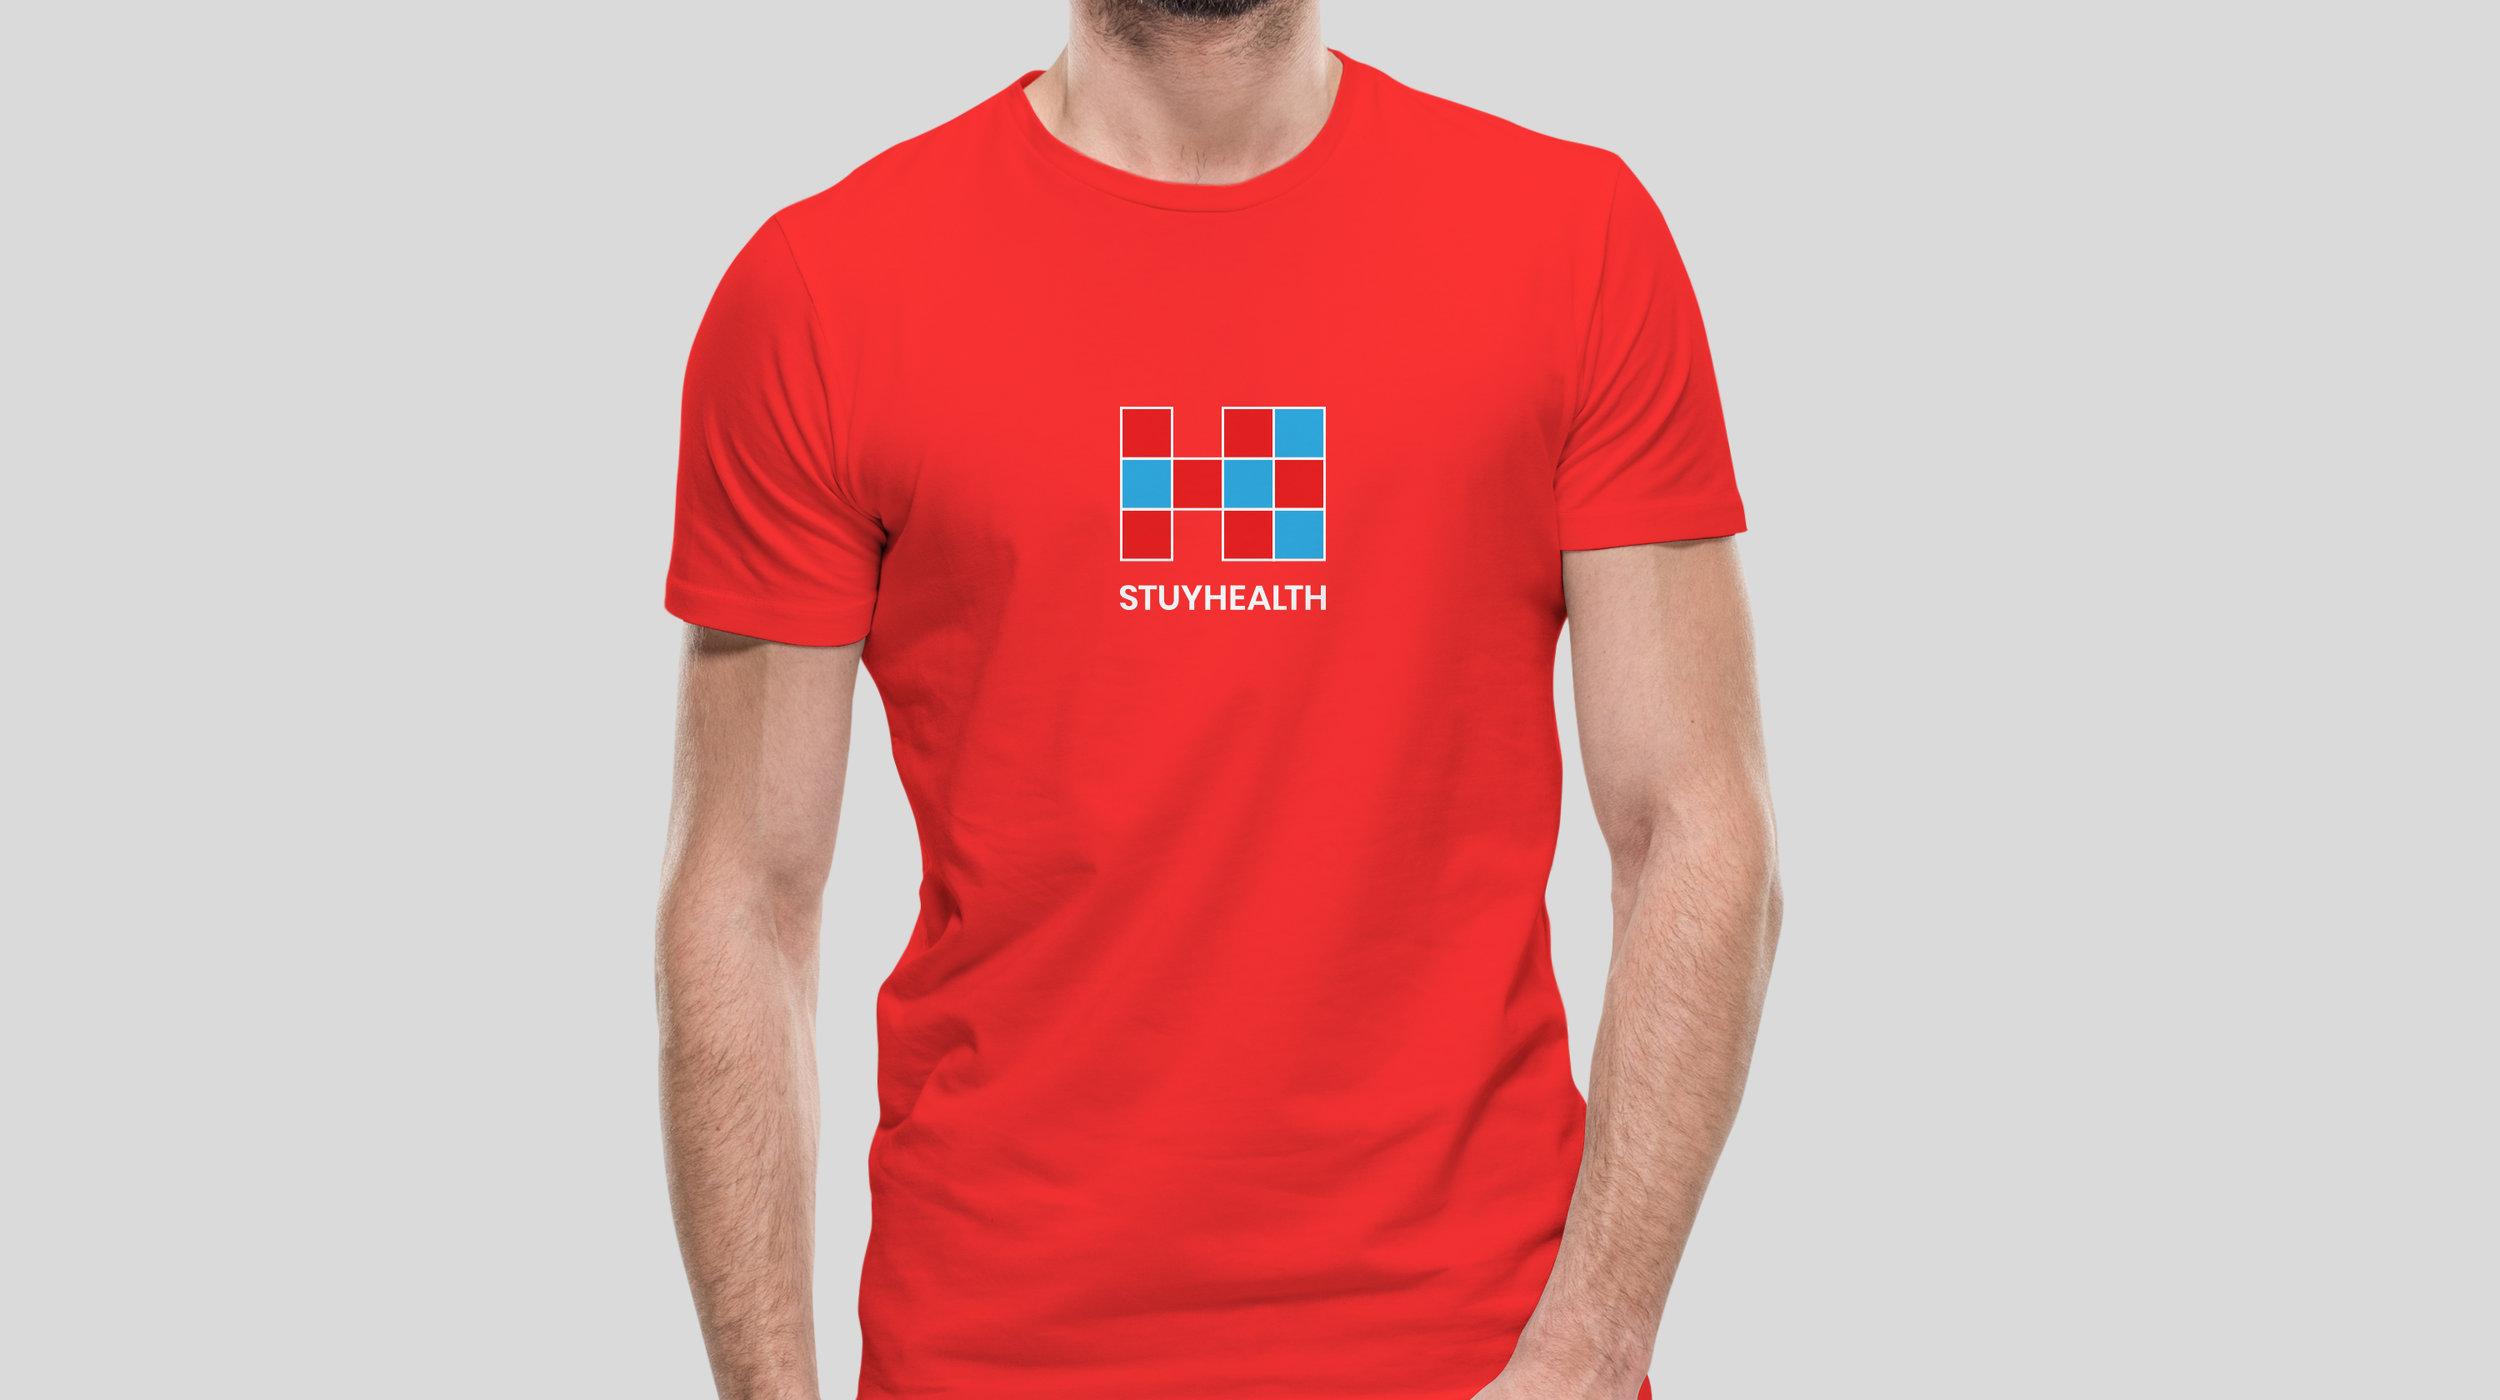 StuyHealth - T-Shirt Mockup PSD 2.jpg